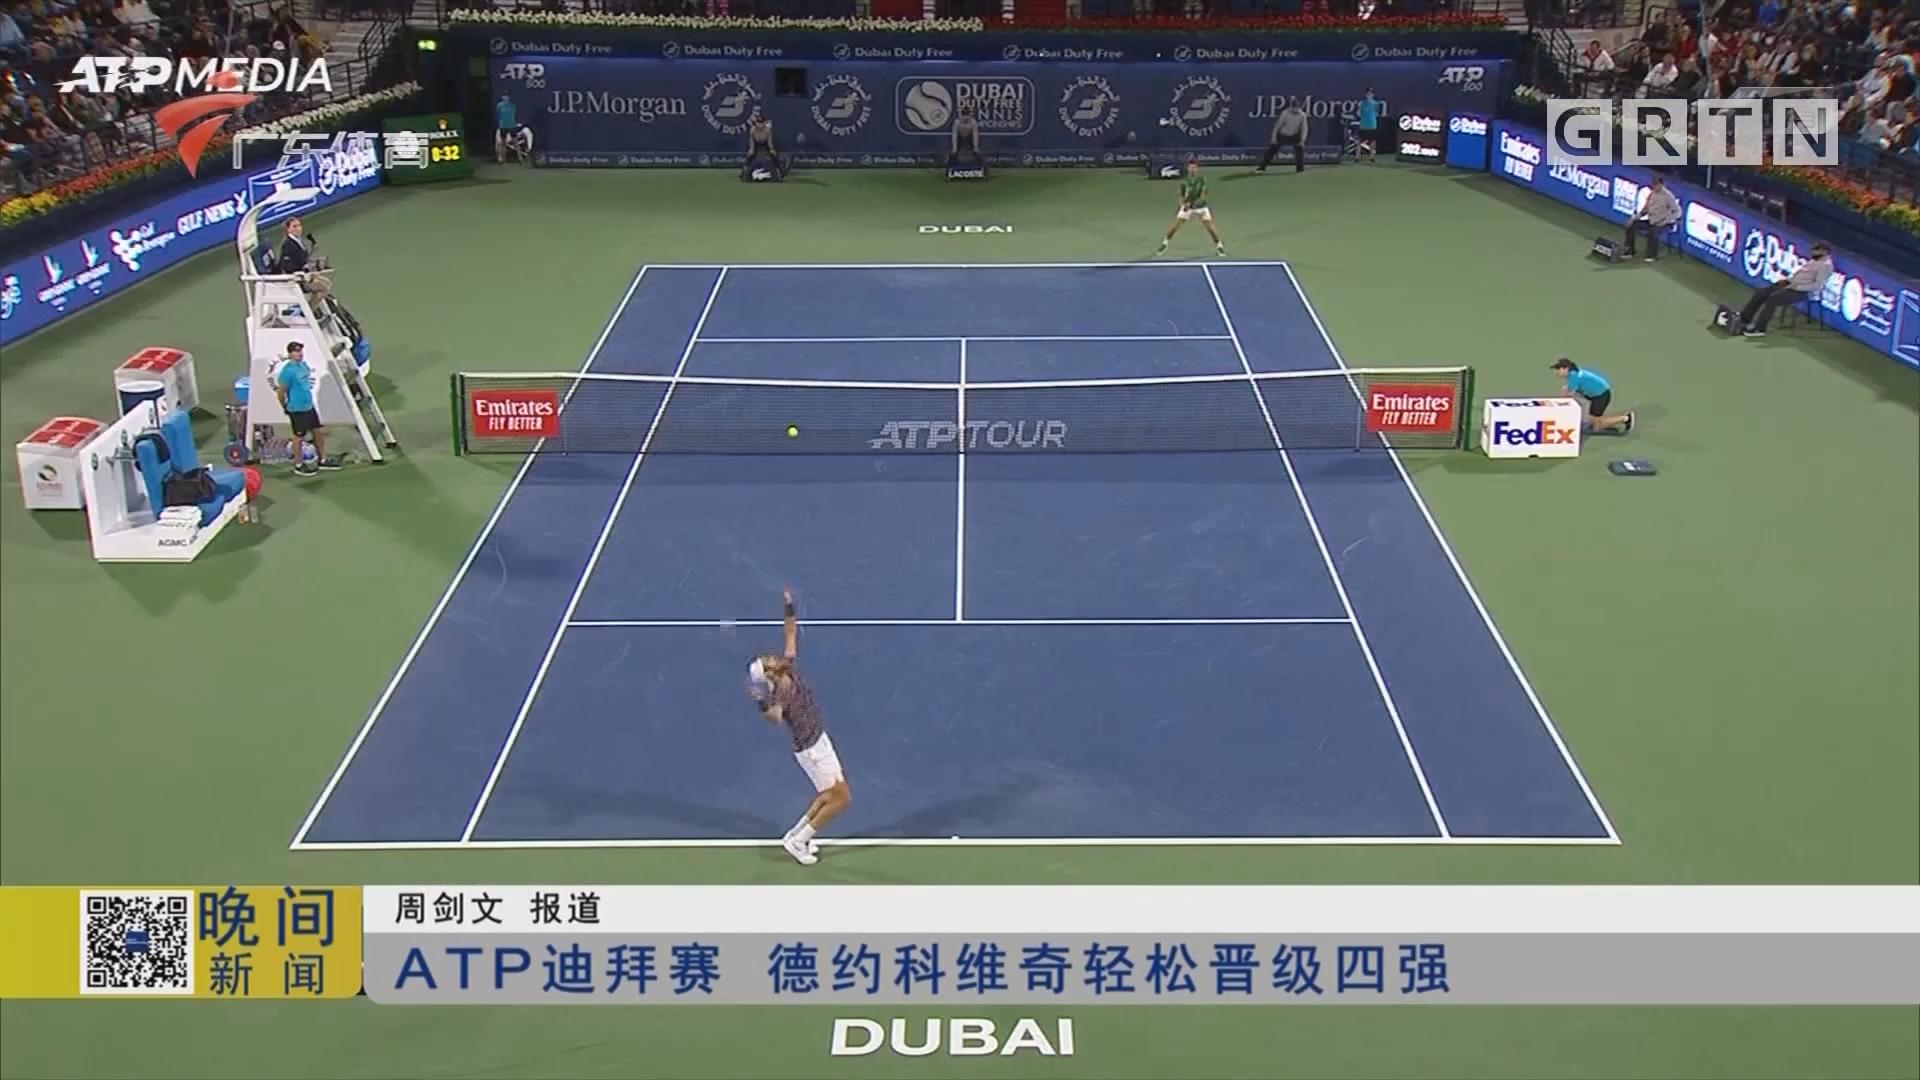 ATP迪拜赛 德约科维奇轻松晋级四强